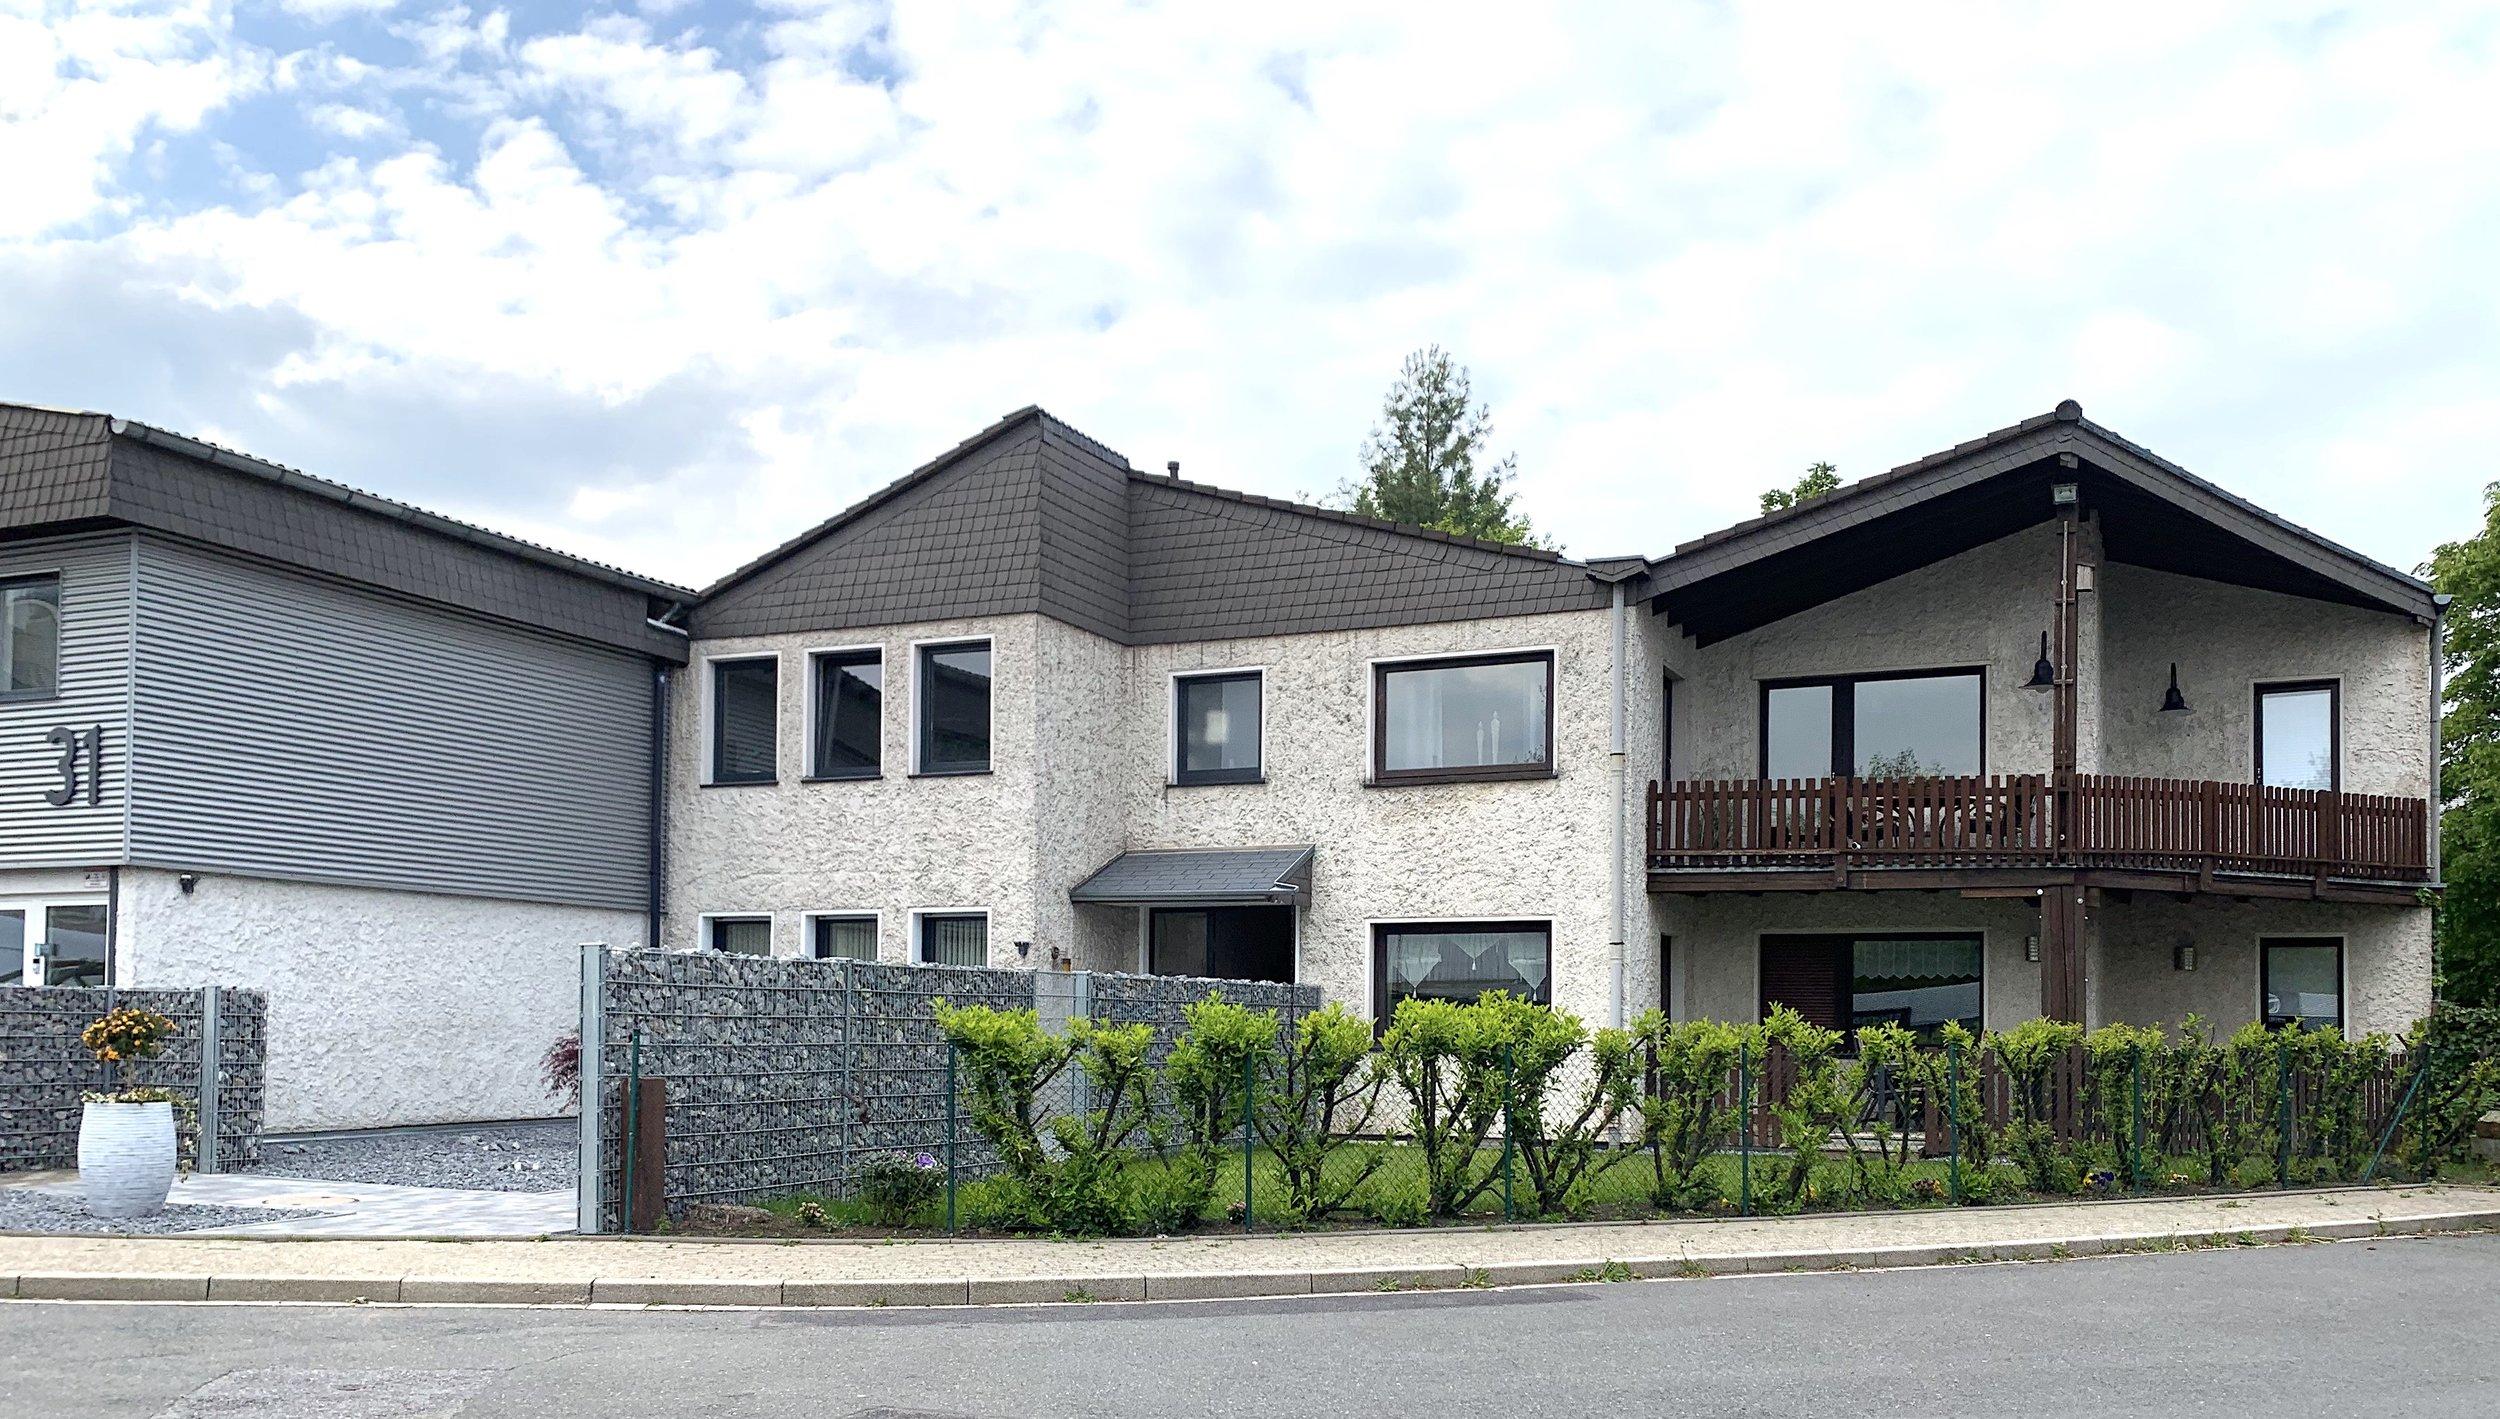 Ferienwohnung Hochdahl︱ Gebäude